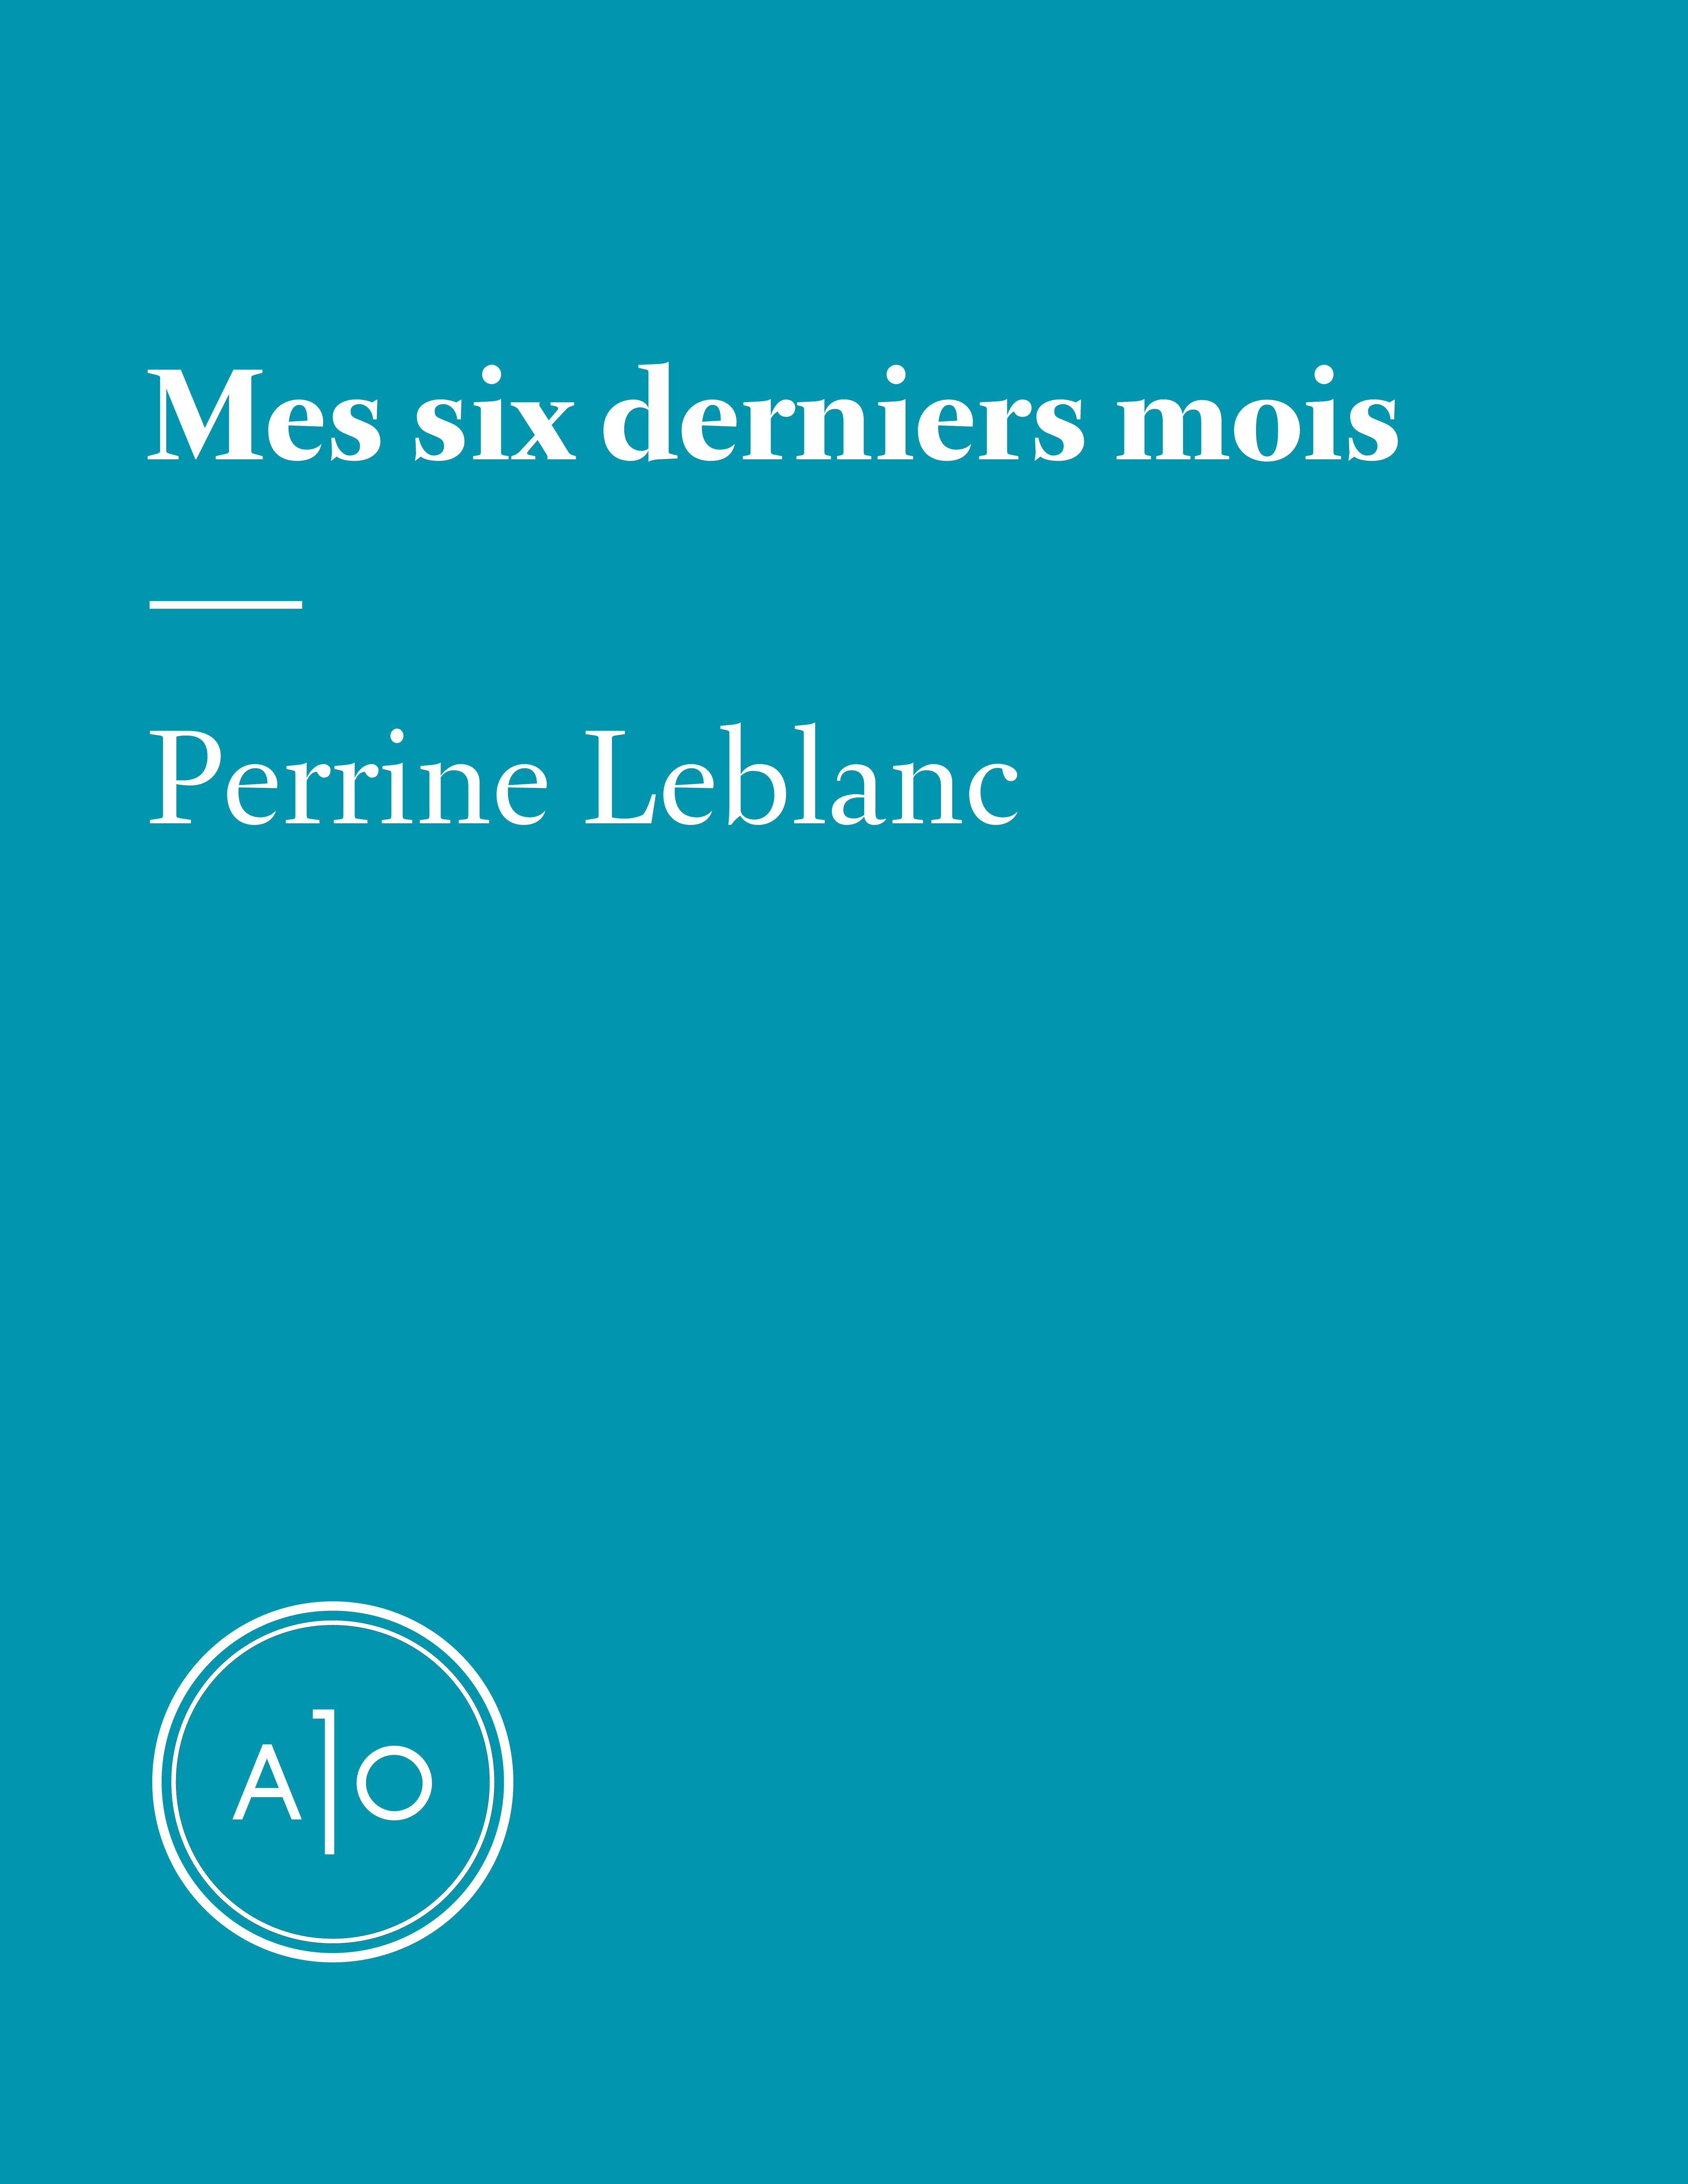 Mes six derniers mois: Perrine Leblanc